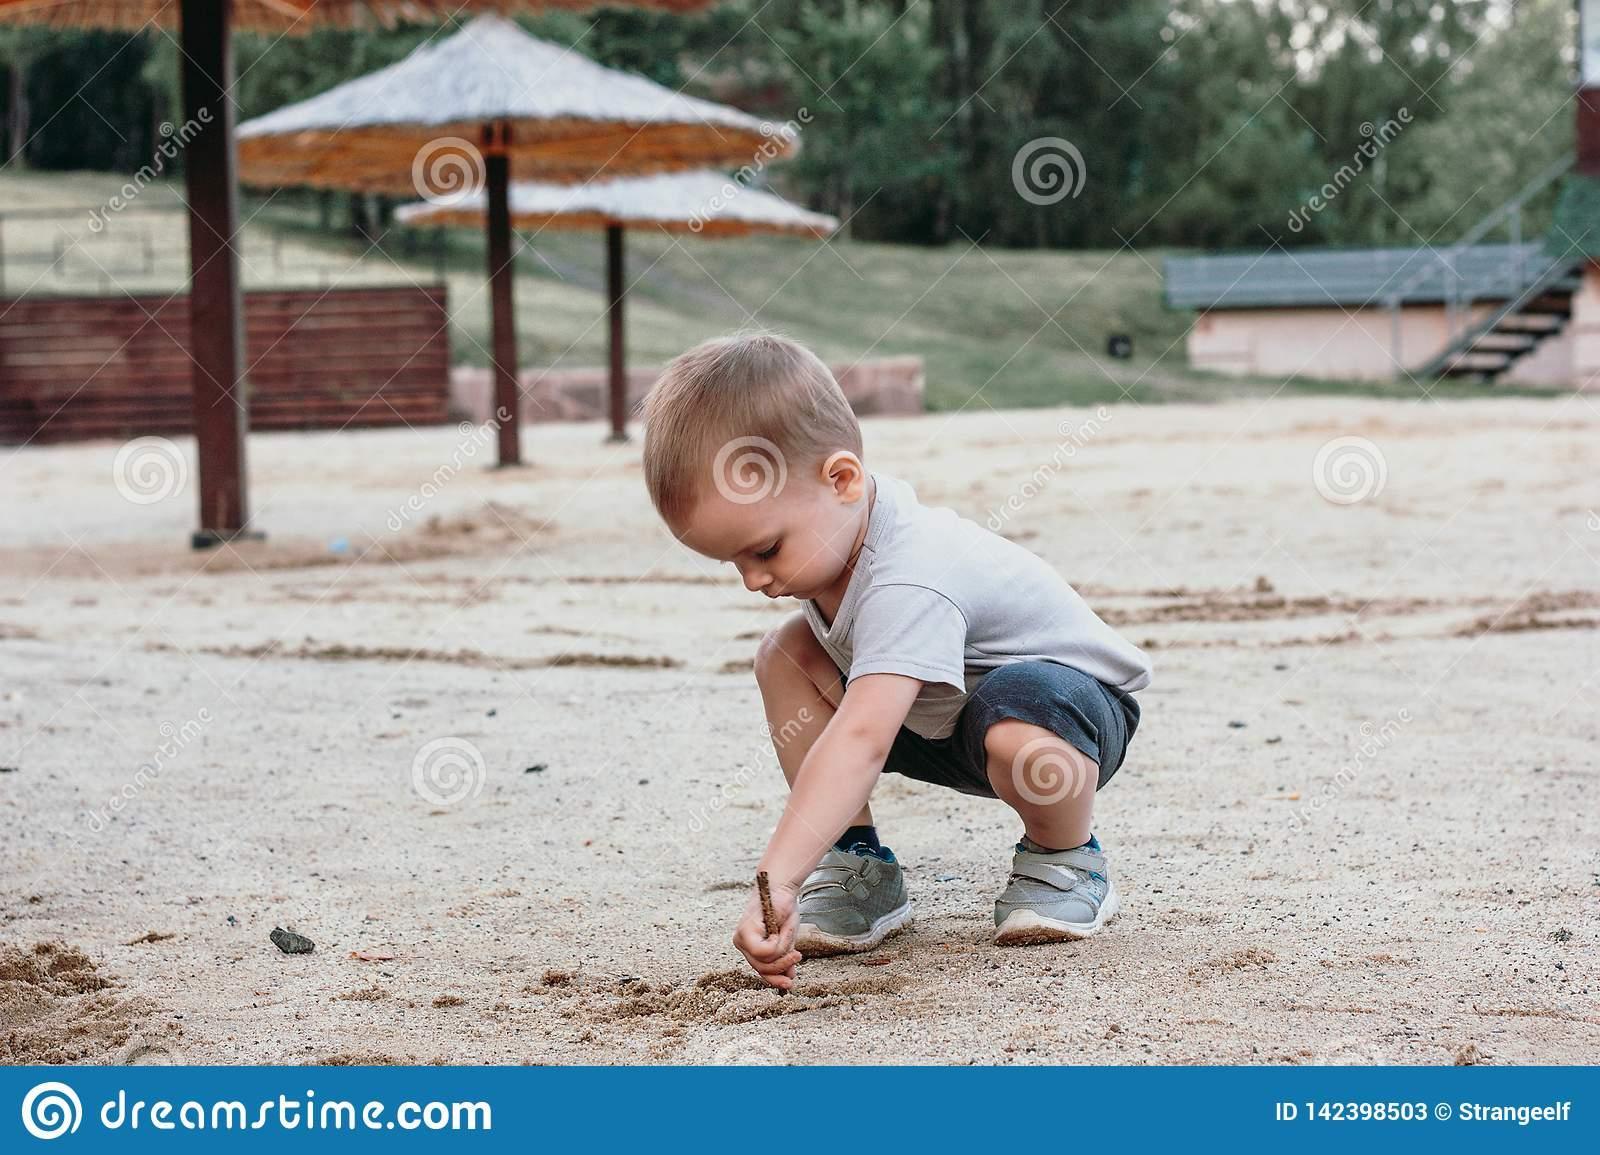 Jeu De Petit Garçon Avec Le Sable Sur La Plage D'été Image dedans Jeux Des Petit Garçon